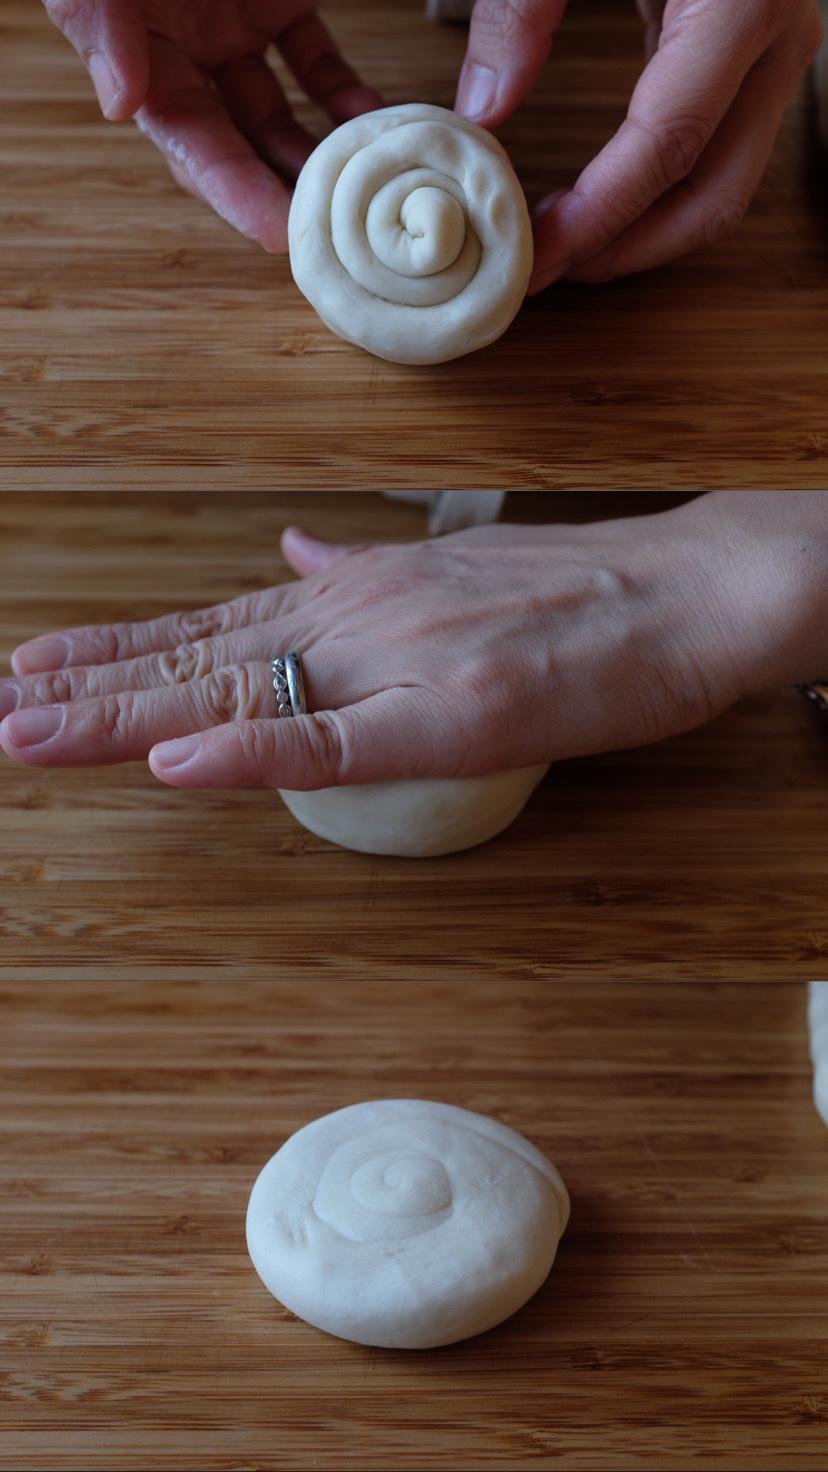 Appiattiscili usando il tuo palmo poi arrotola da un alto fino all'altro per dargli una forma come un guscio di lumaca. Nascondi la fine nella parte bassa e premi l'impasto gentilmente per sostenere la forma.